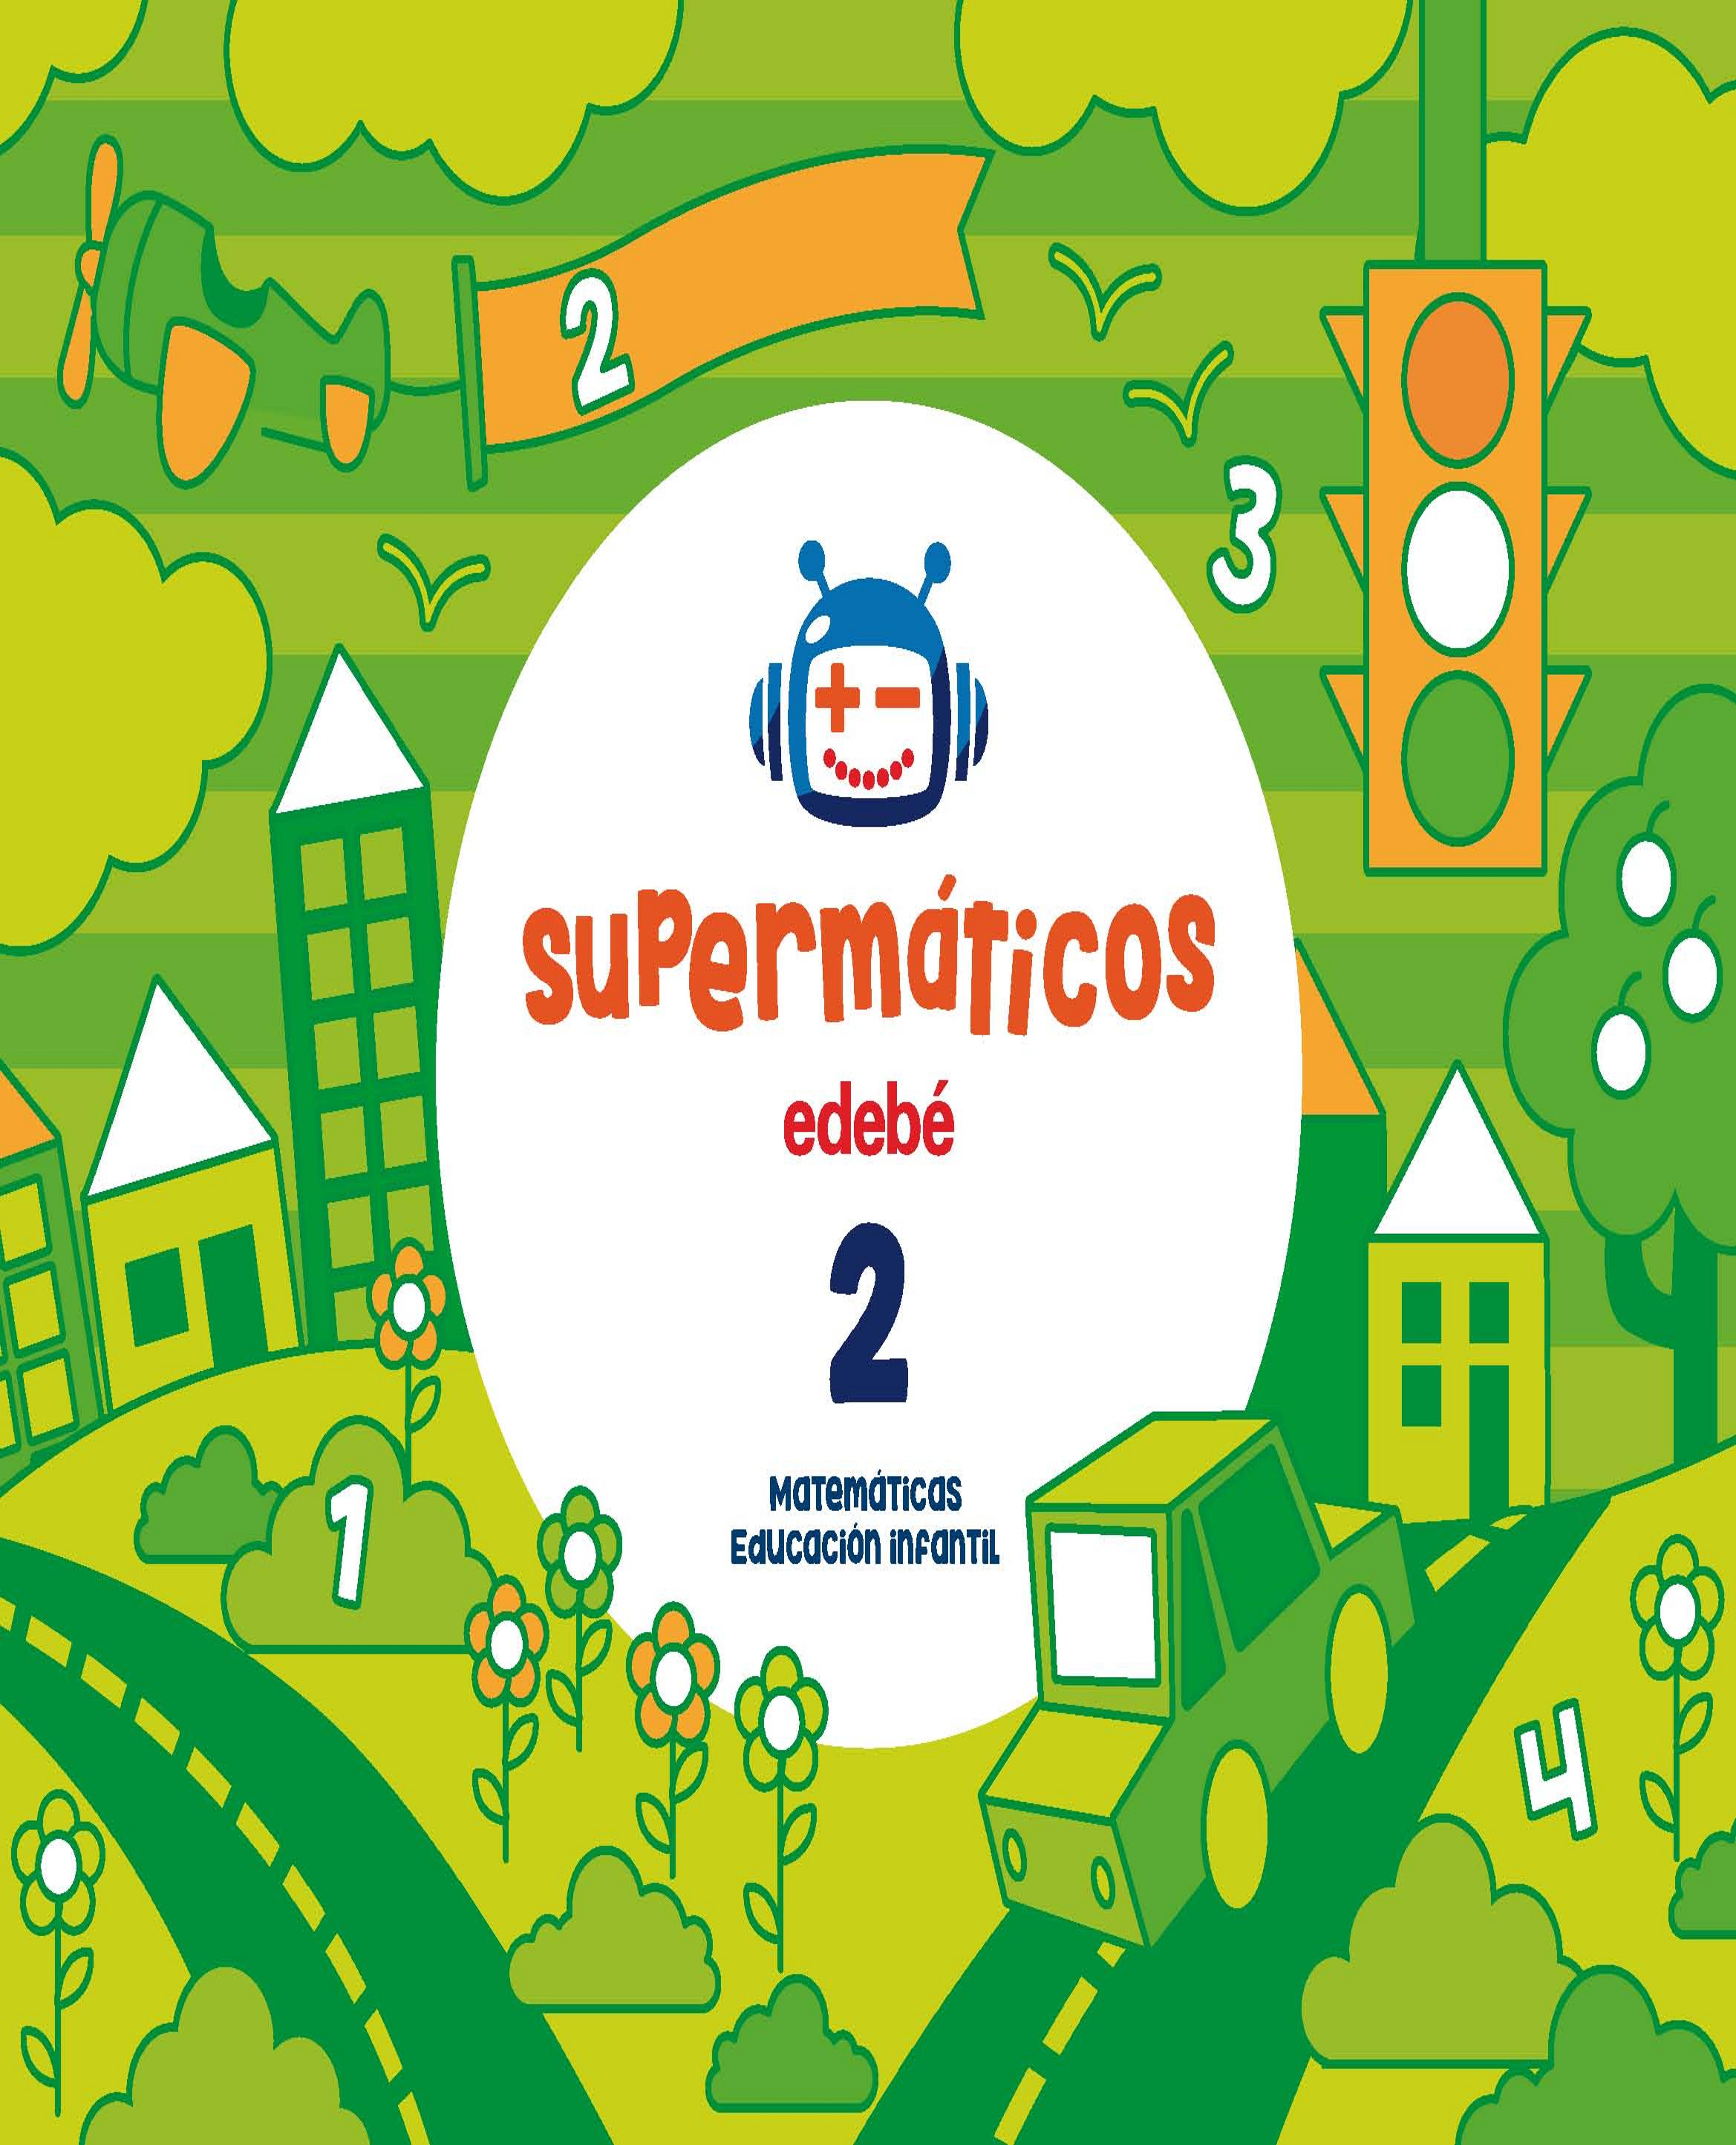 SUPERMATEMATICOS NÚMERO 2